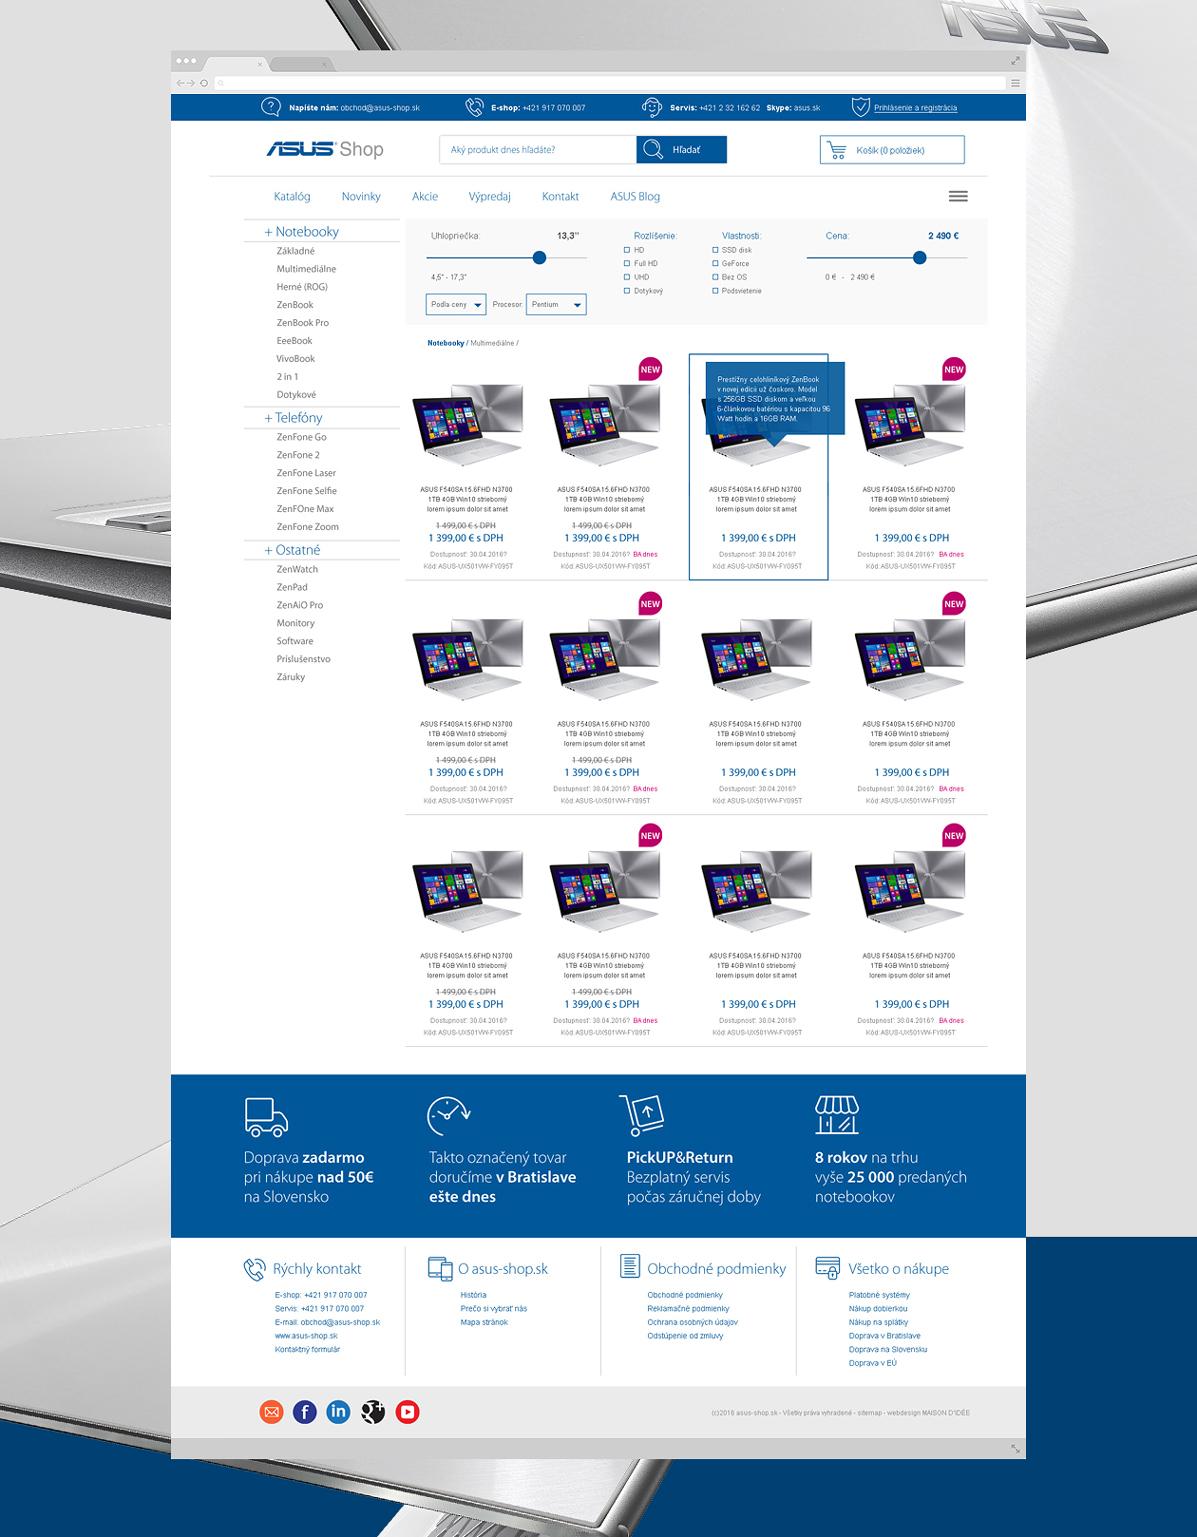 webdesign-asus-shop-02